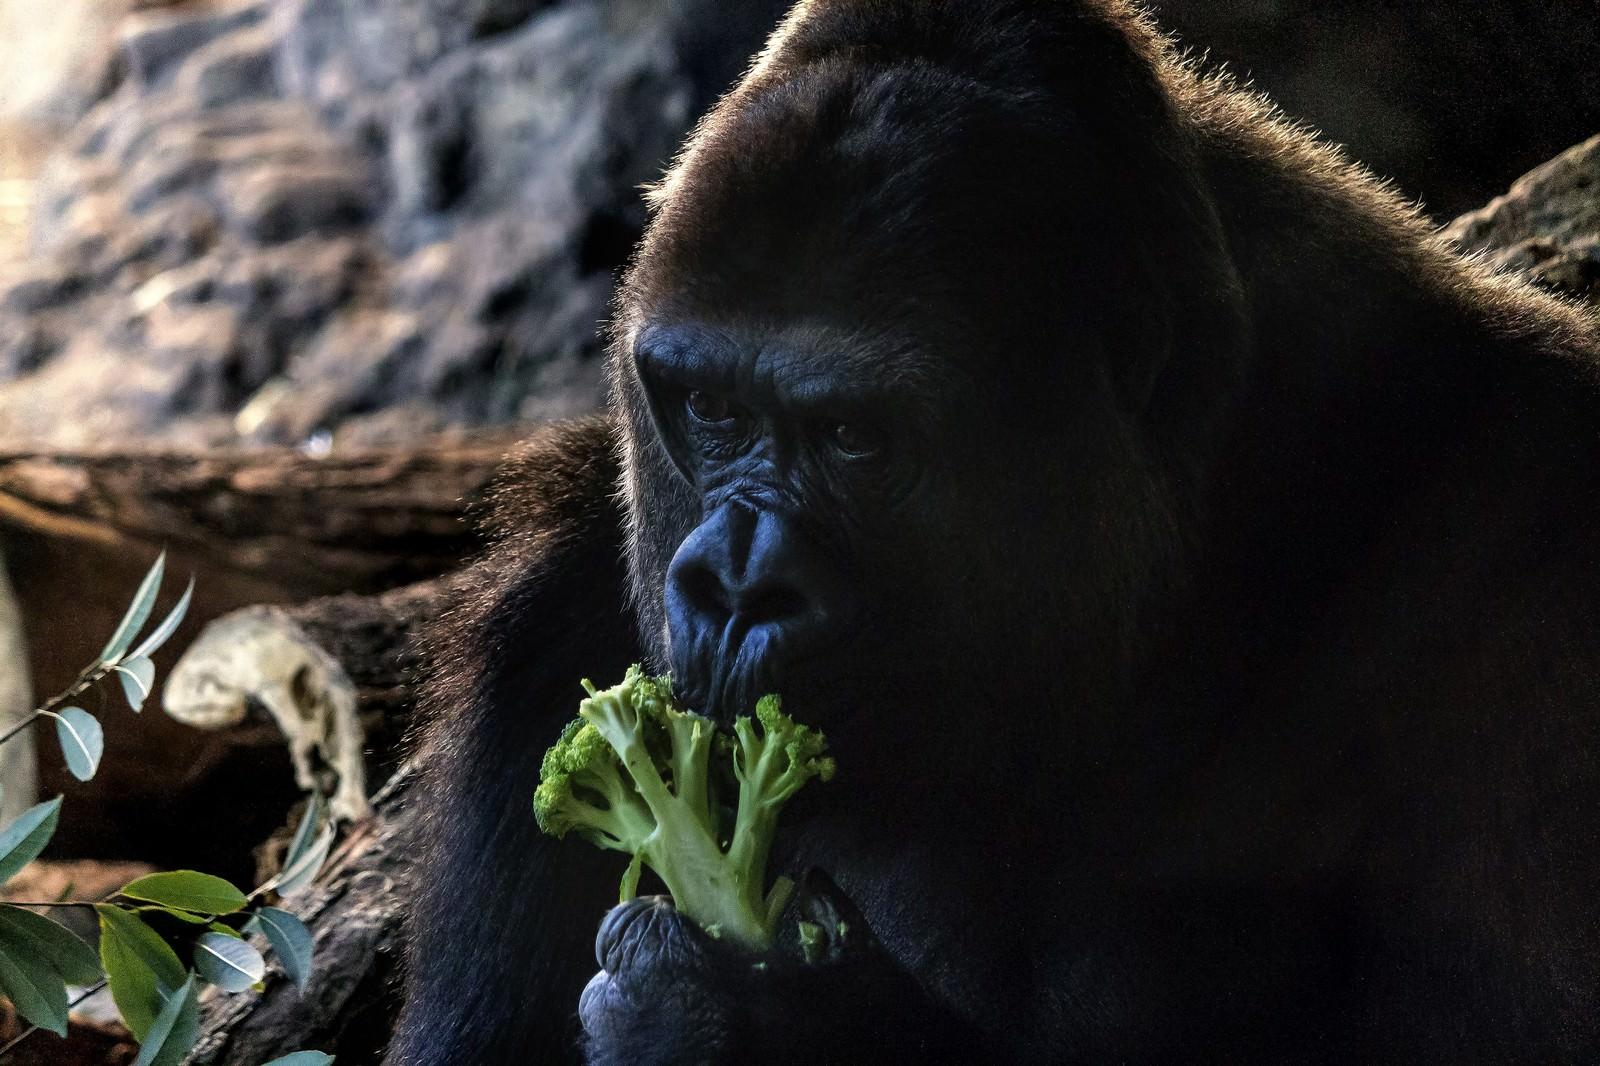 「ブロッコリーを食べるゴリラ」の写真